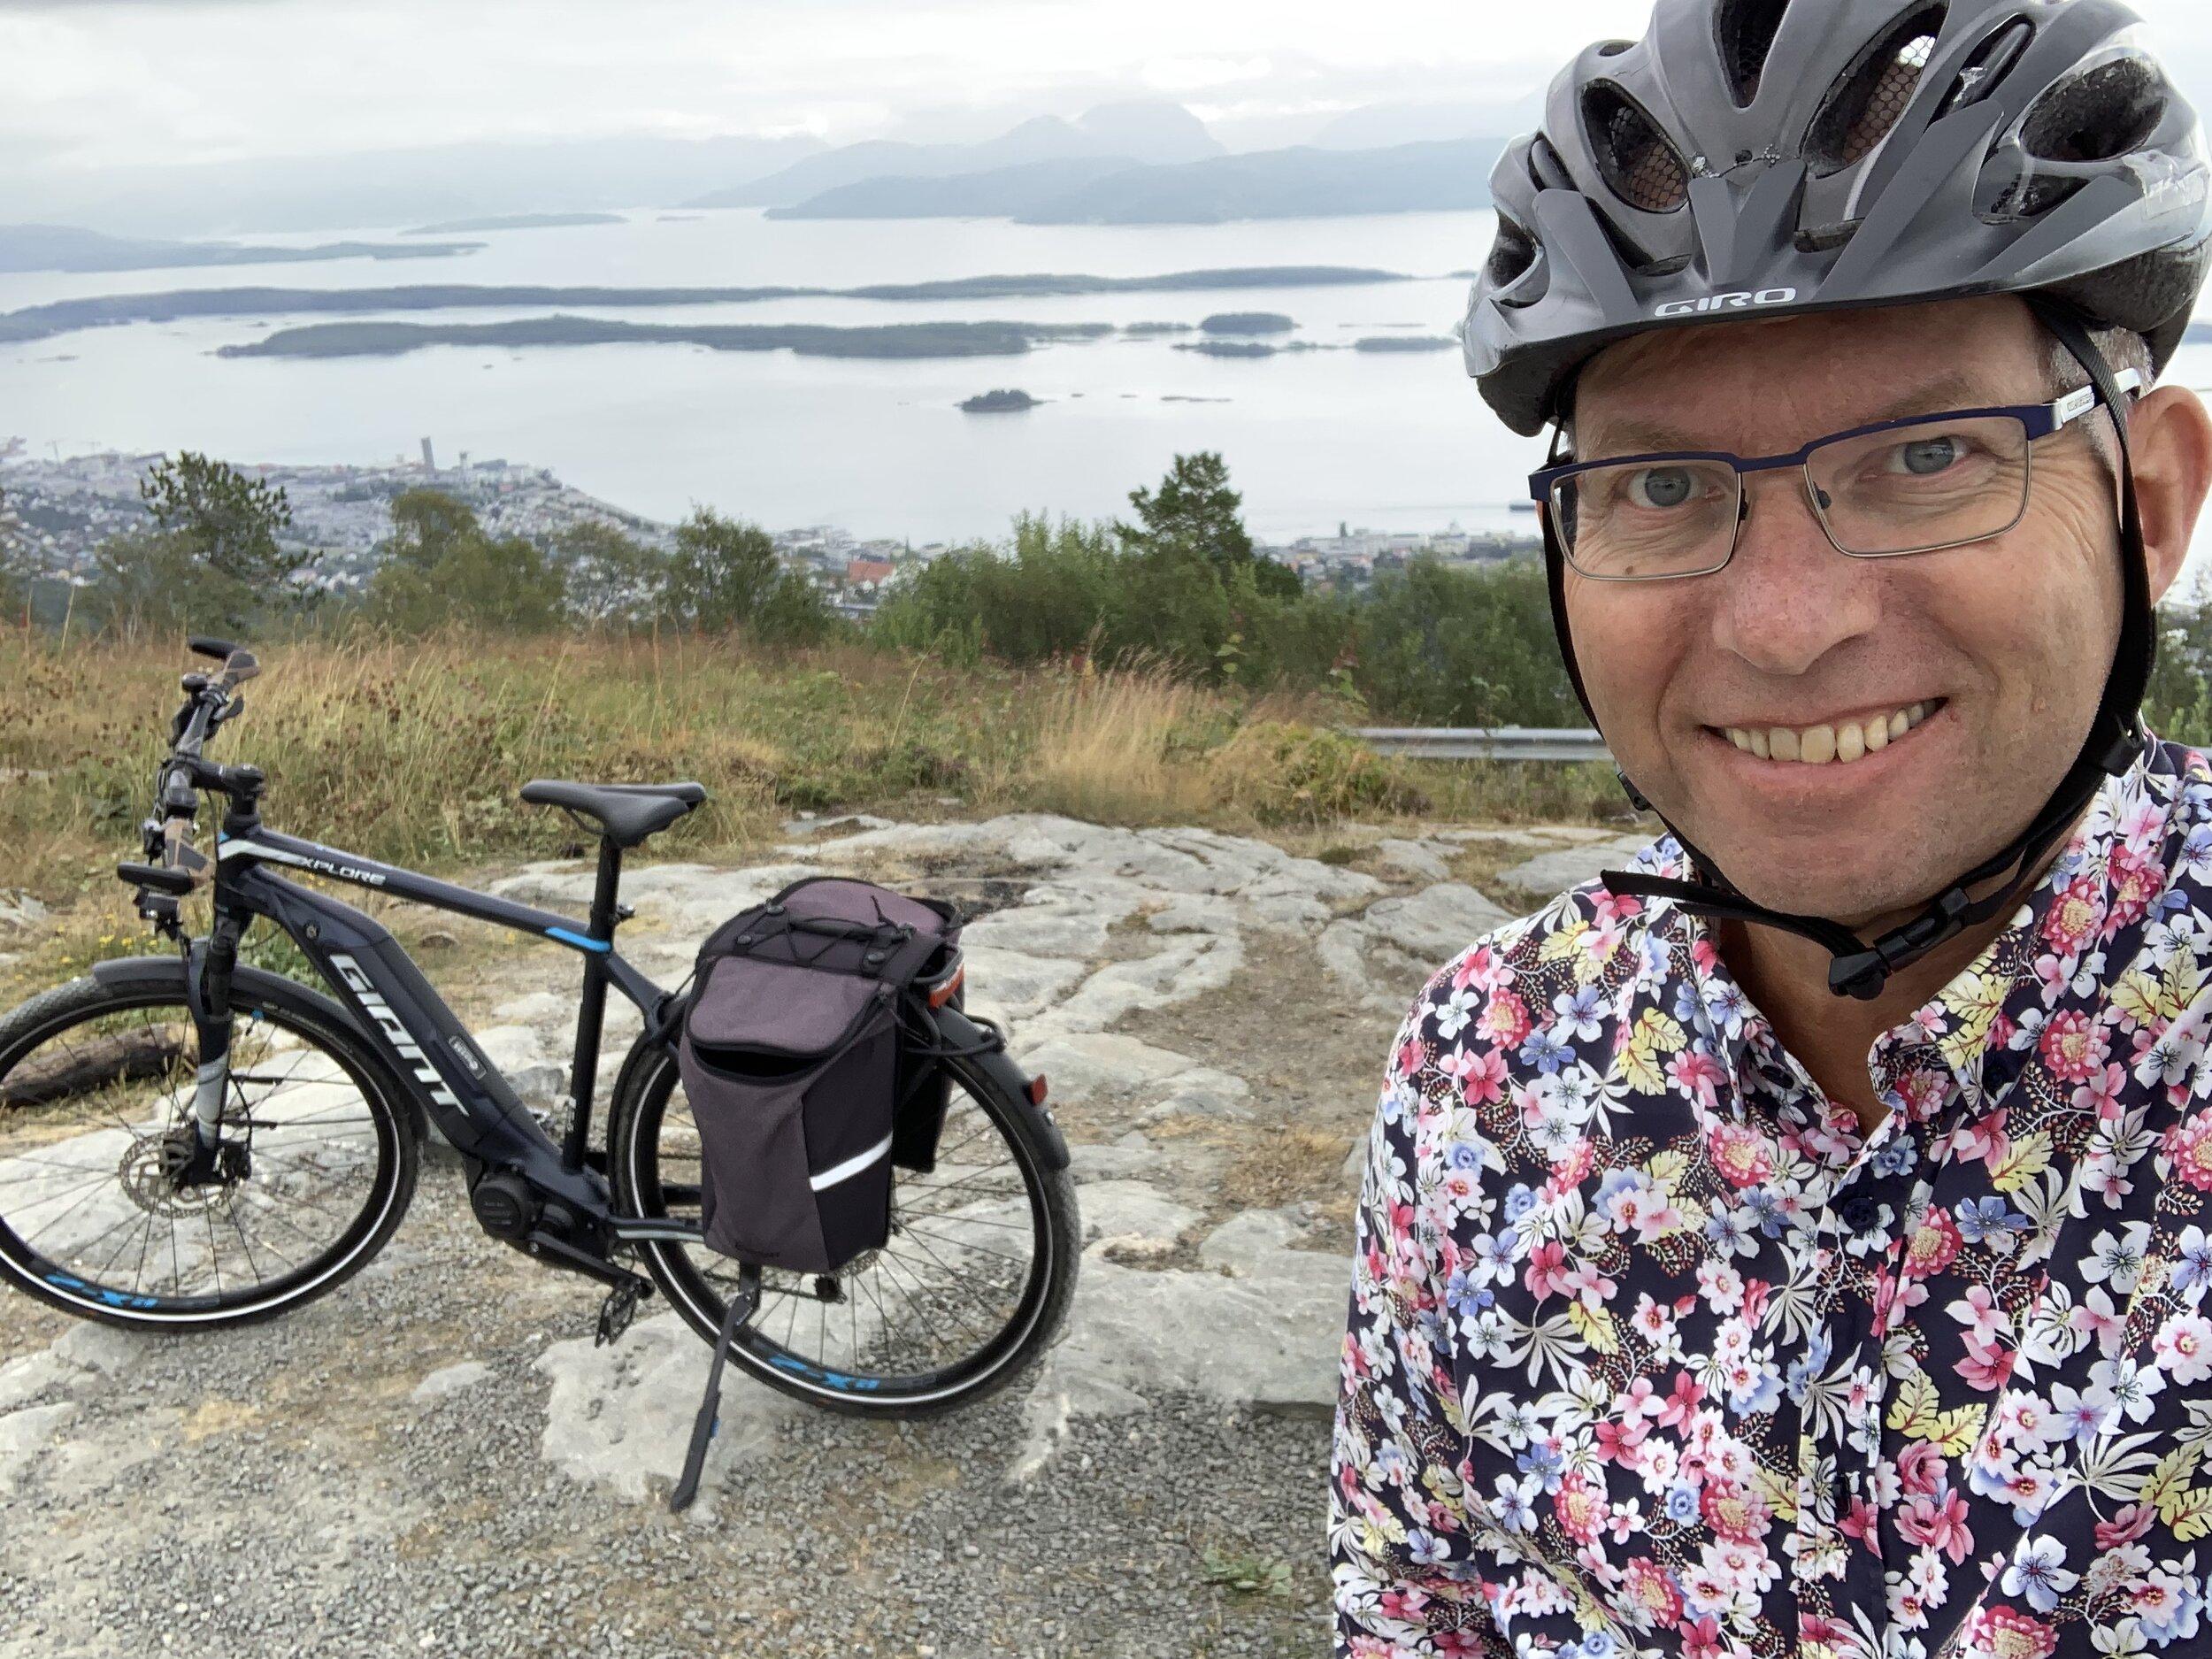 Utstyrt for fine turer. Giant Connect er en utmerket sykkel for både tursykling på skogsbilveger og i bygater. Her fra Varden i Molde.